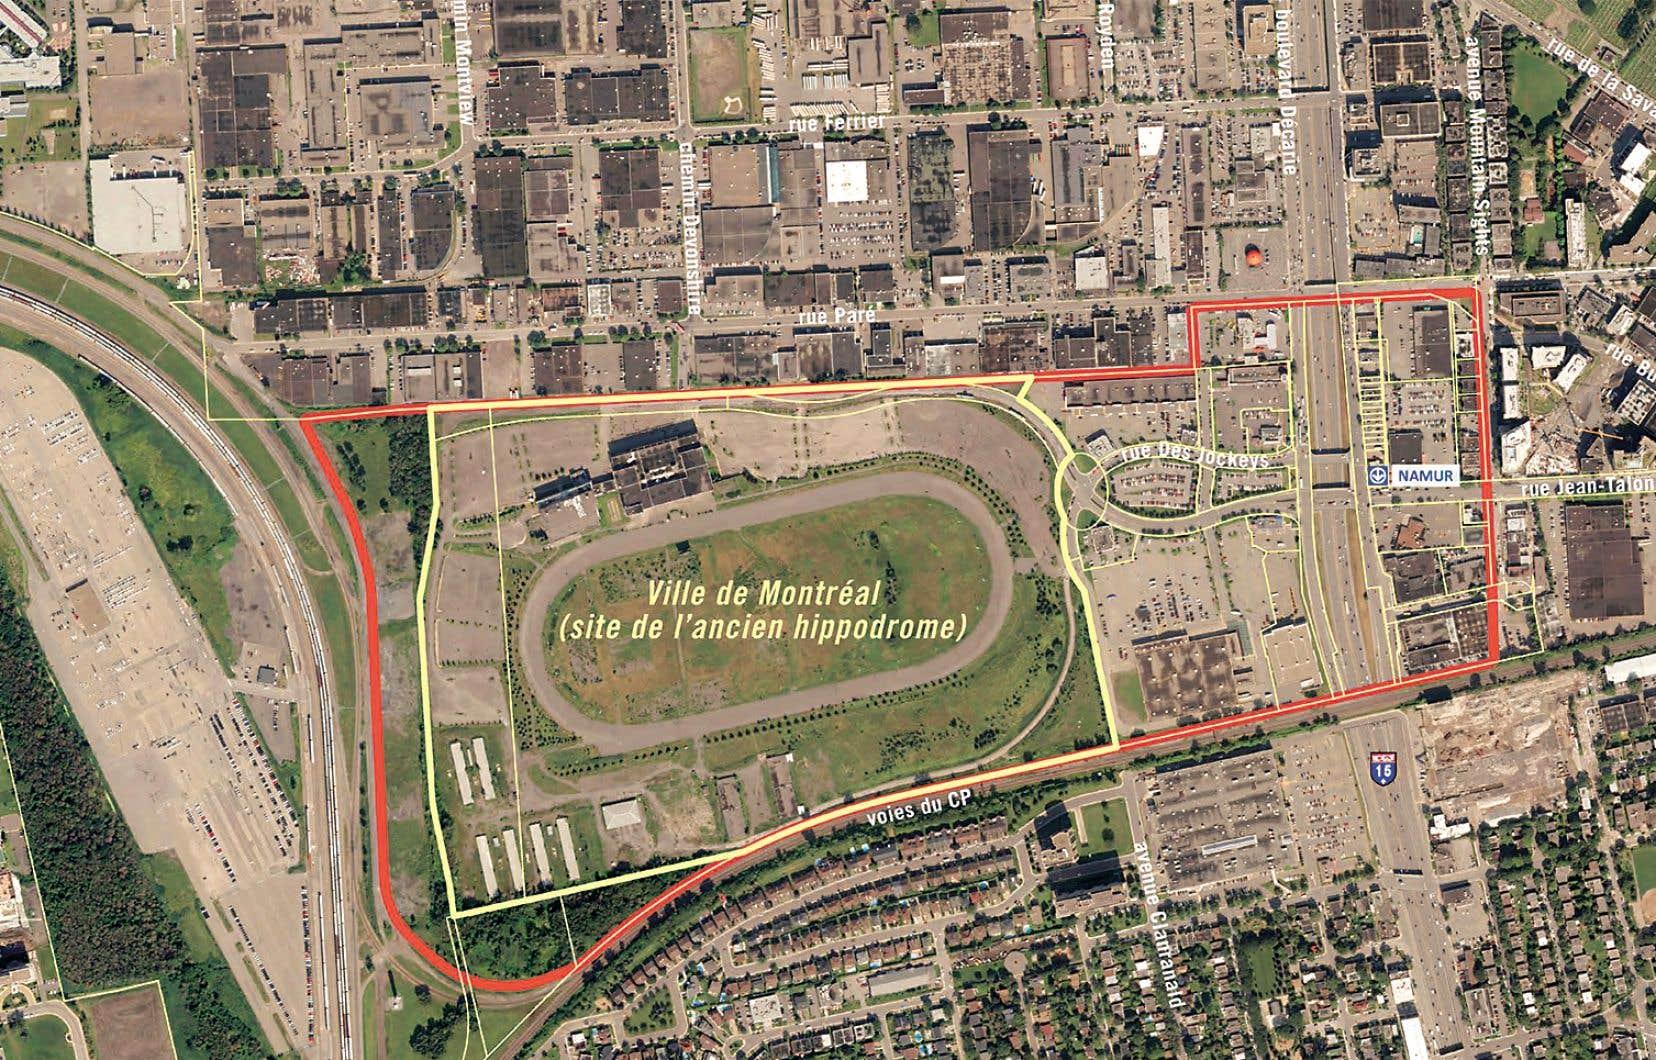 Le quartier qu'entend développer Montréal s'étend de l'ancien hippodrome à la station de métro Namur.